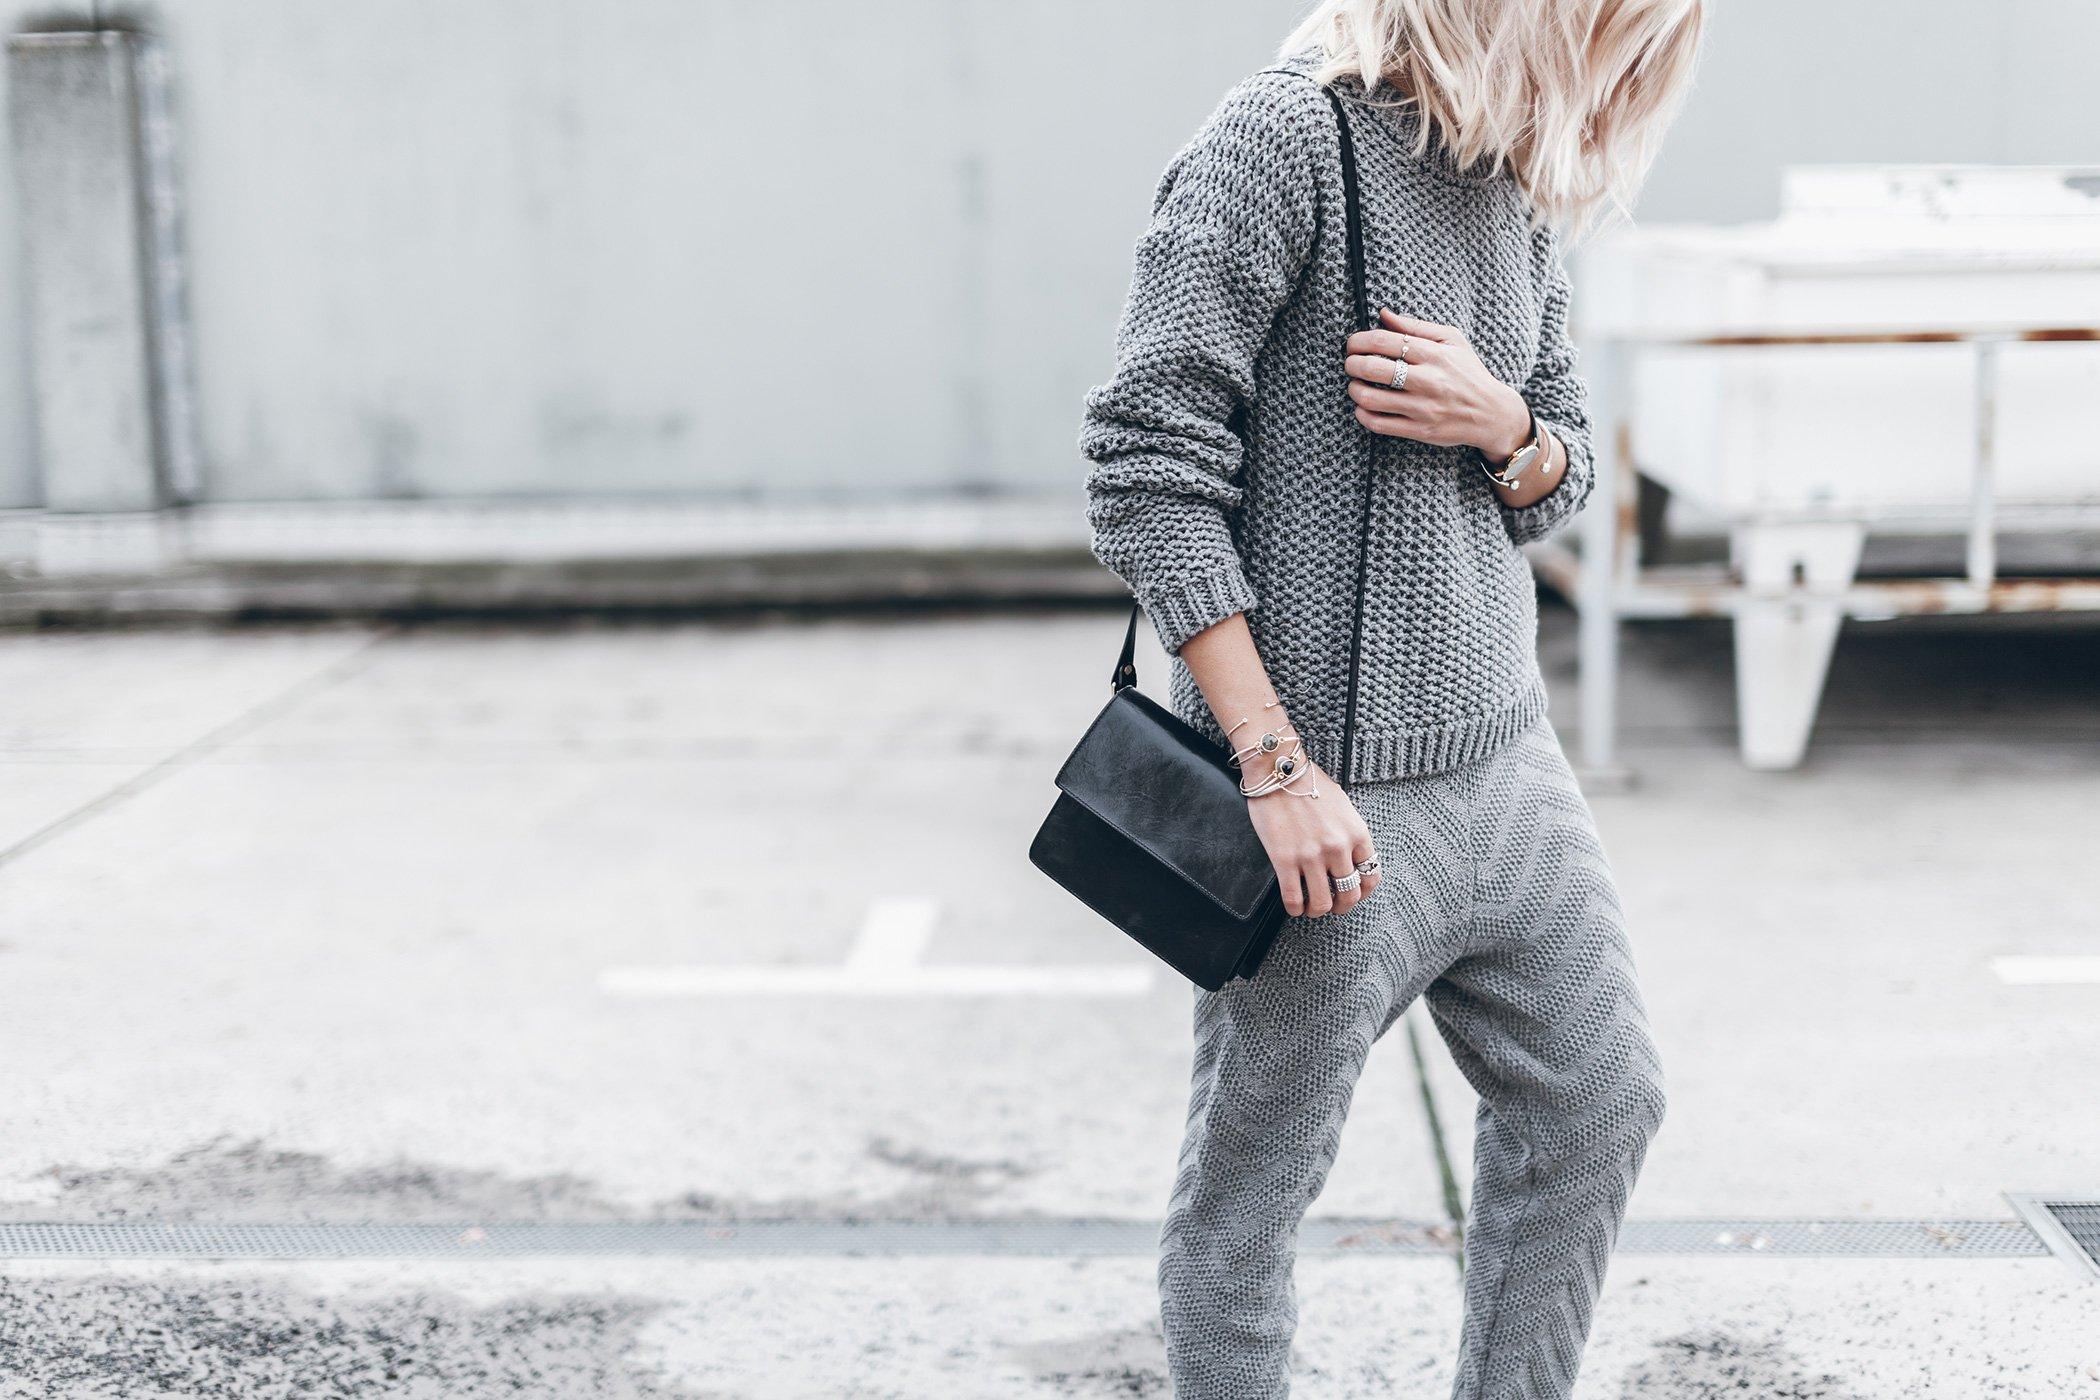 mikuta-vivian-graf-grey-knit-15